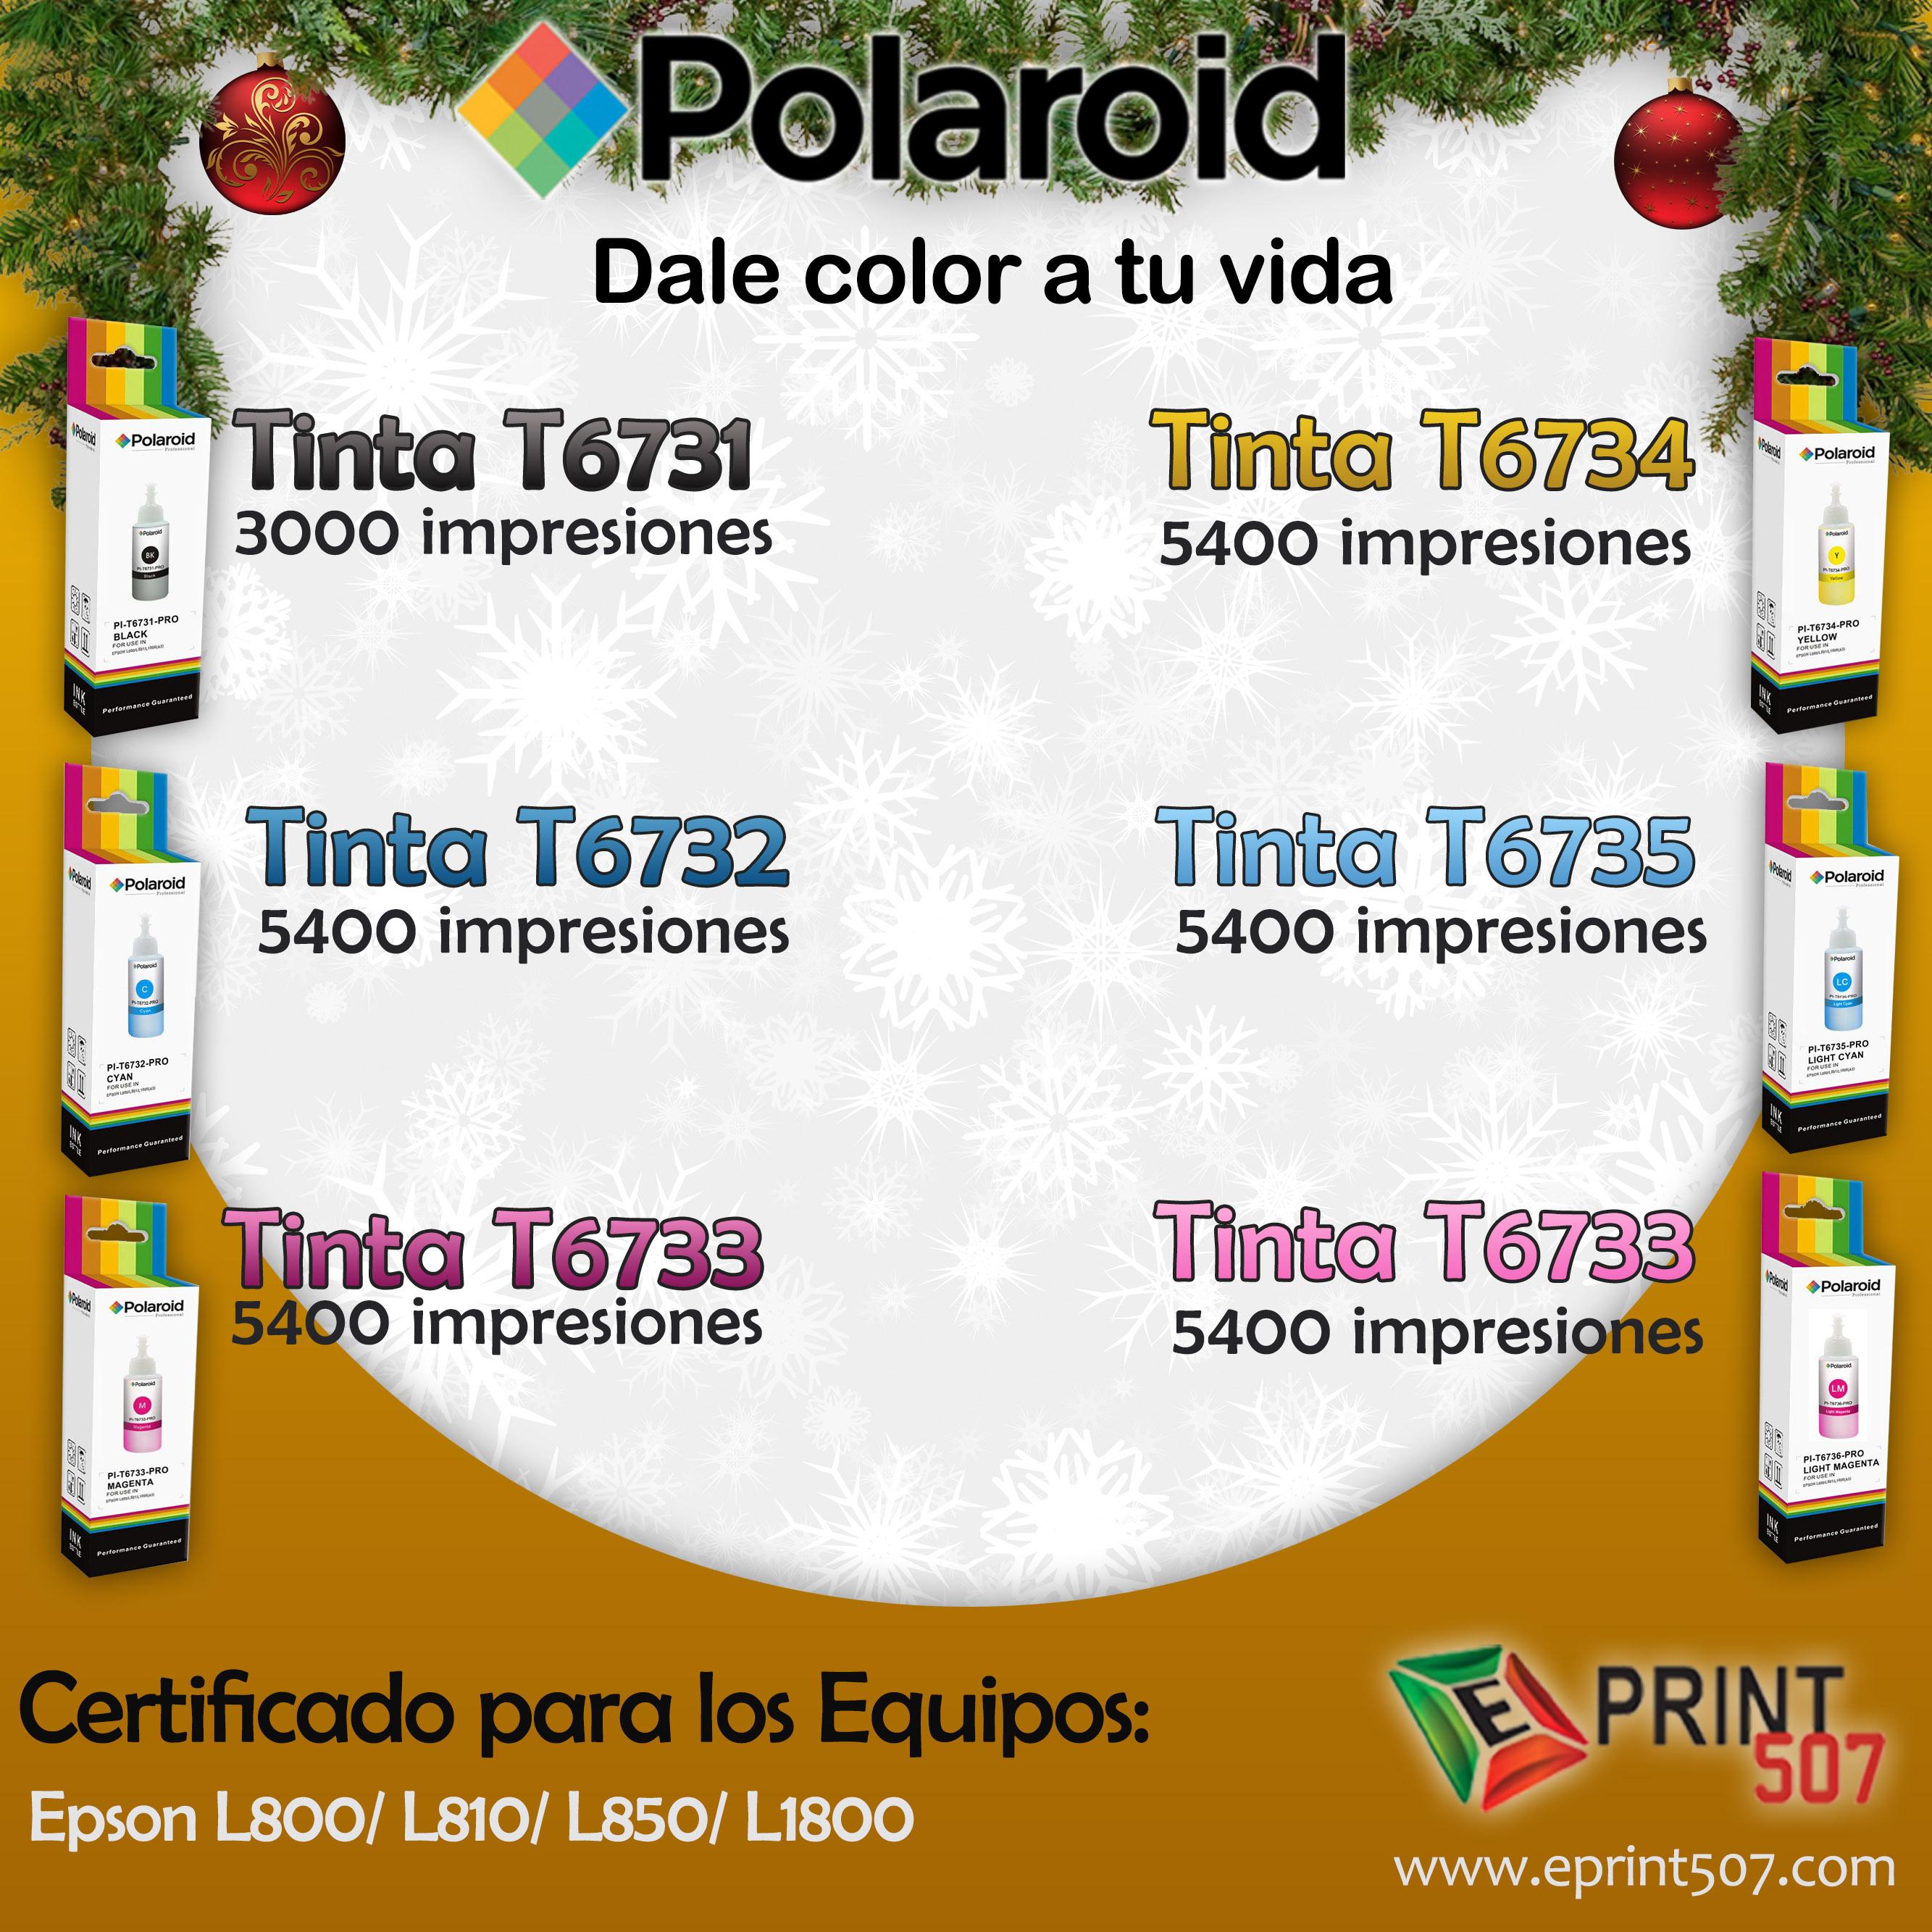 Pi T6731 Pro Botella Tinta 70ml Epson Black Marca Polaroid